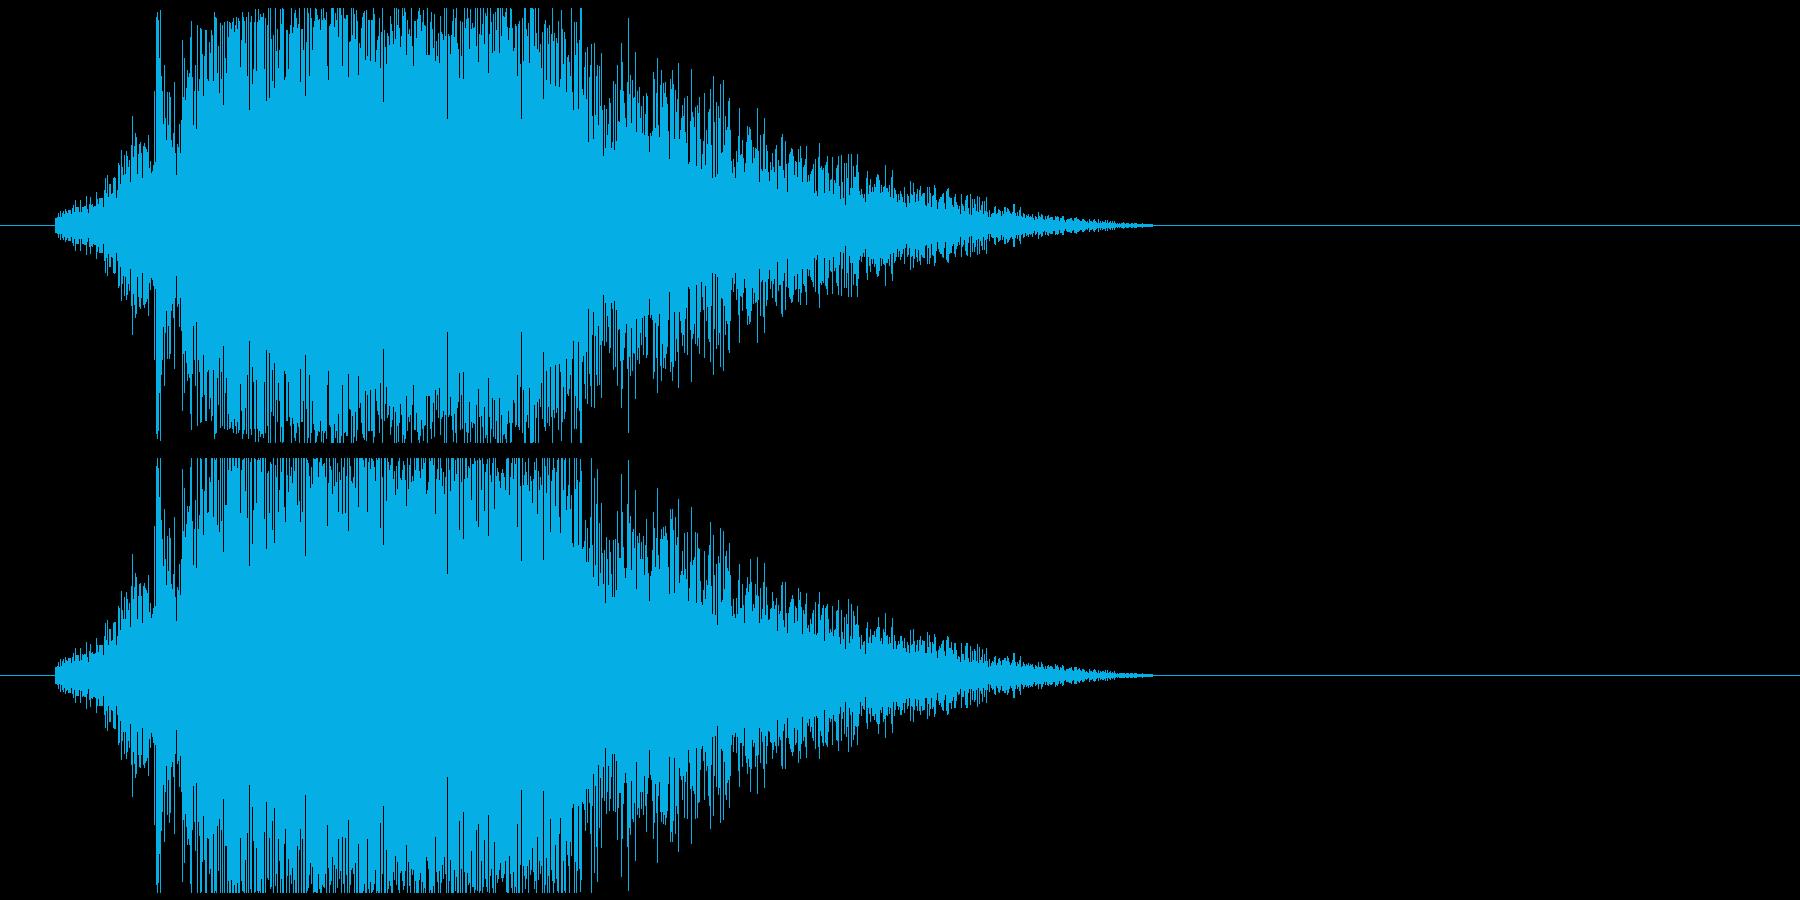 飛翔ジャンプ音の再生済みの波形